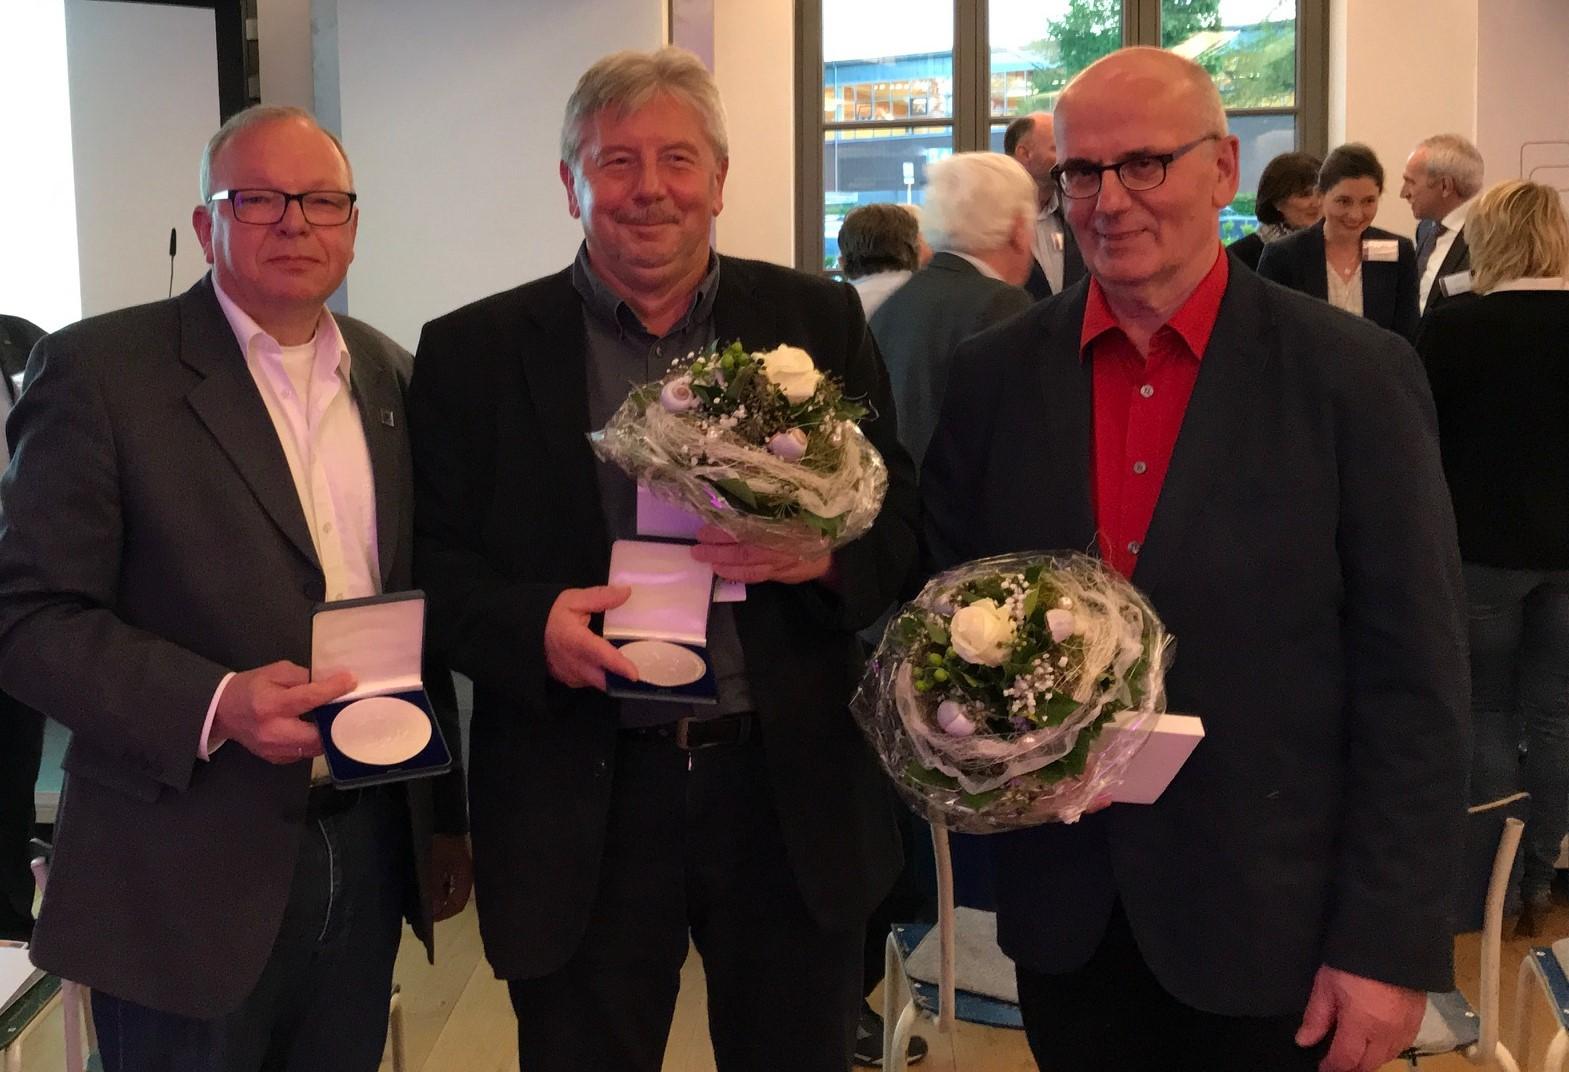 Ehrung: Manfred Priebe (l.) war einer von insgesamt drei Ehrenamtlichen, die vom Kreissportbund Herford für ihre Verdienste ausgezeichnet wurden.